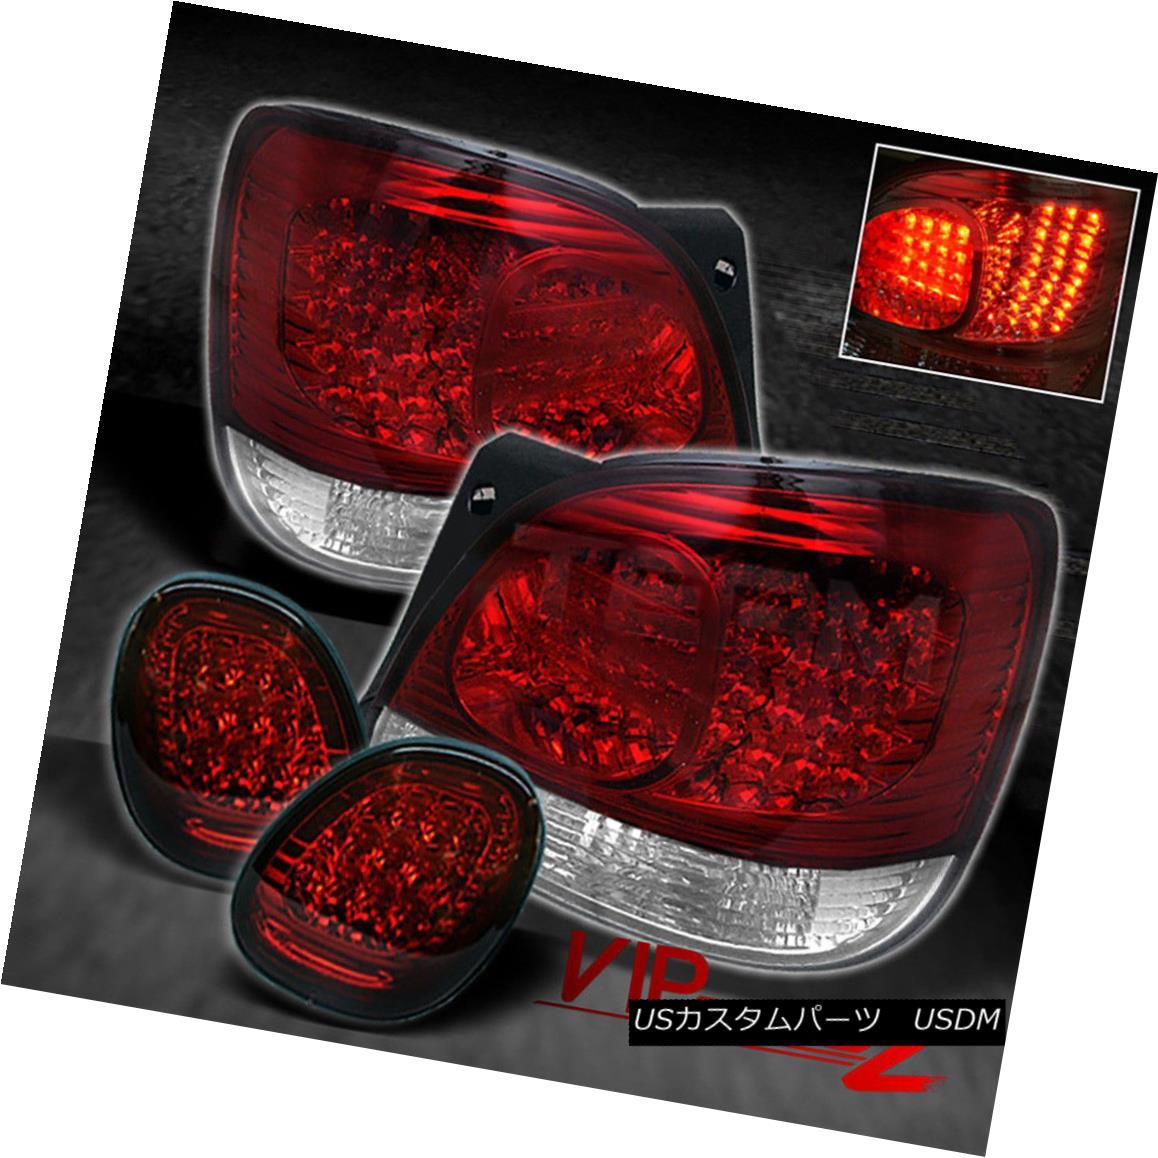 テールライト 98-06 GS300 2JZ JDM Aristo VIP Turbo RED/CLEAR LED Brake Signal Lamp Tail Light 98-06 GS300 2JZ JDM Aristo VIPターボRED / CLEAR LEDブレーキ信号ランプテールライト